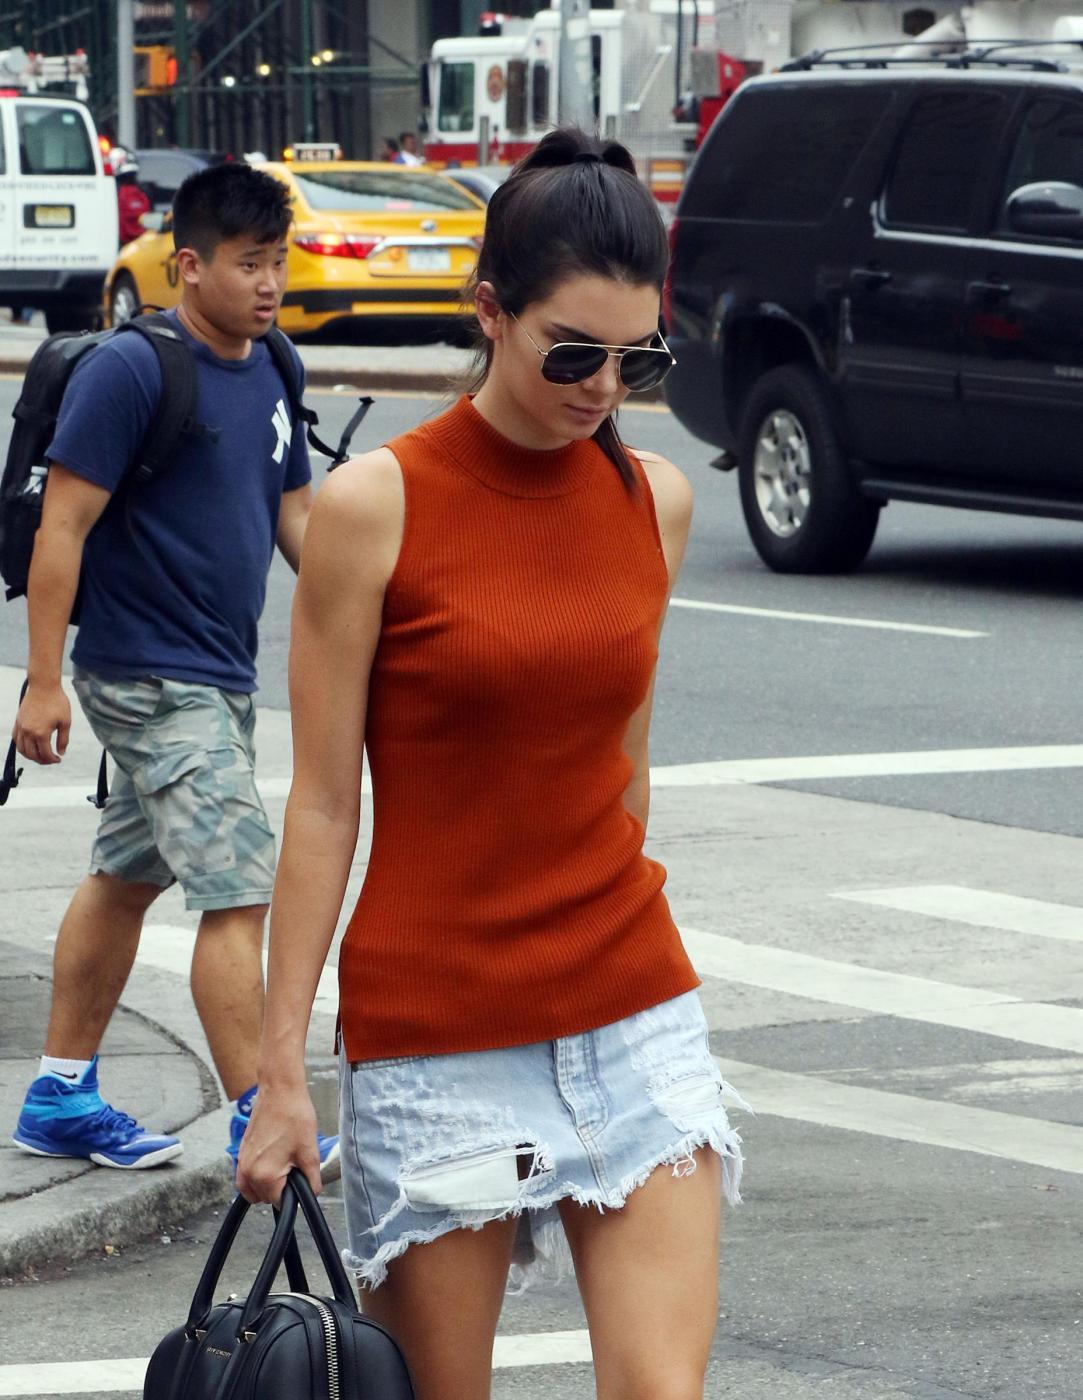 Kendall Jenner a passeggio con l'amica Hailey Baldwin FOTO